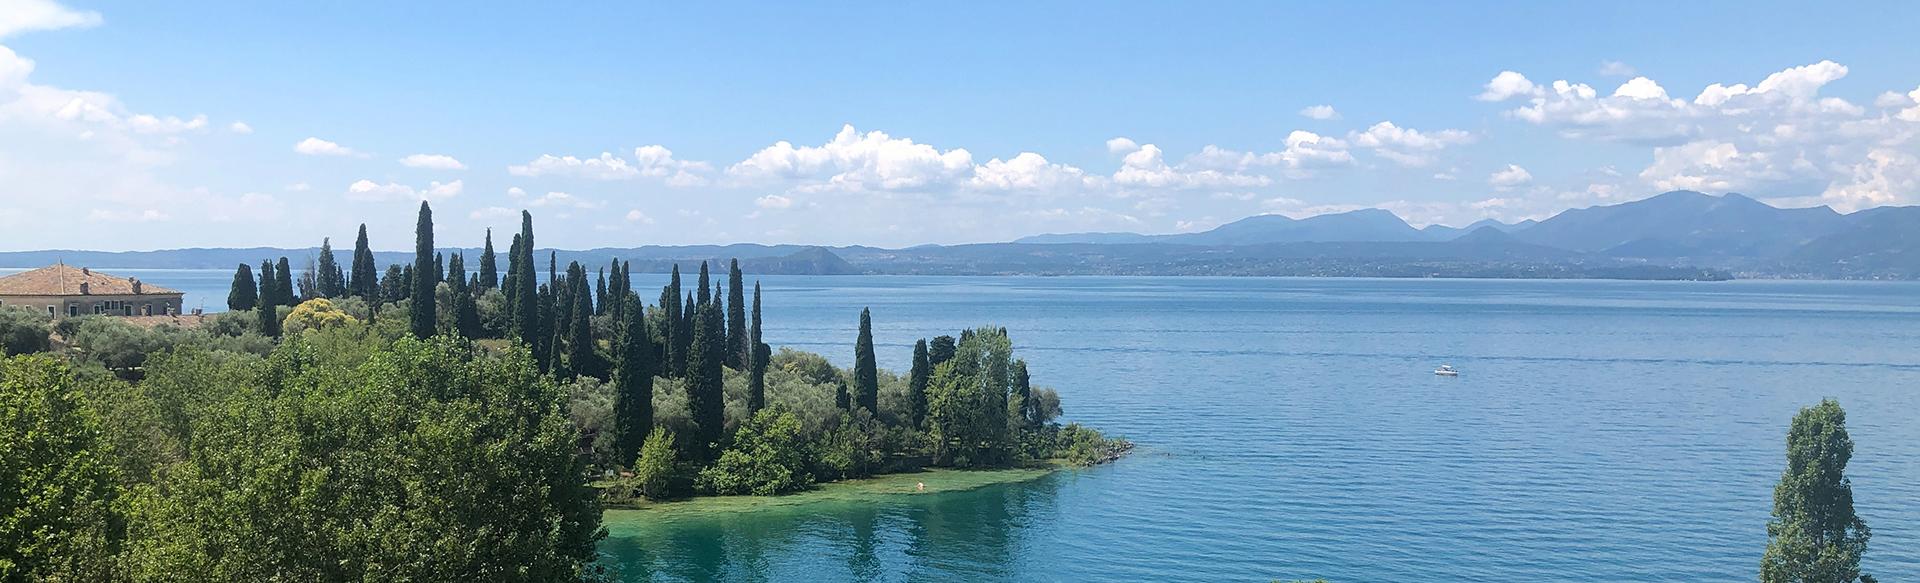 Green Villas Gardone Riviera Lago di Garda